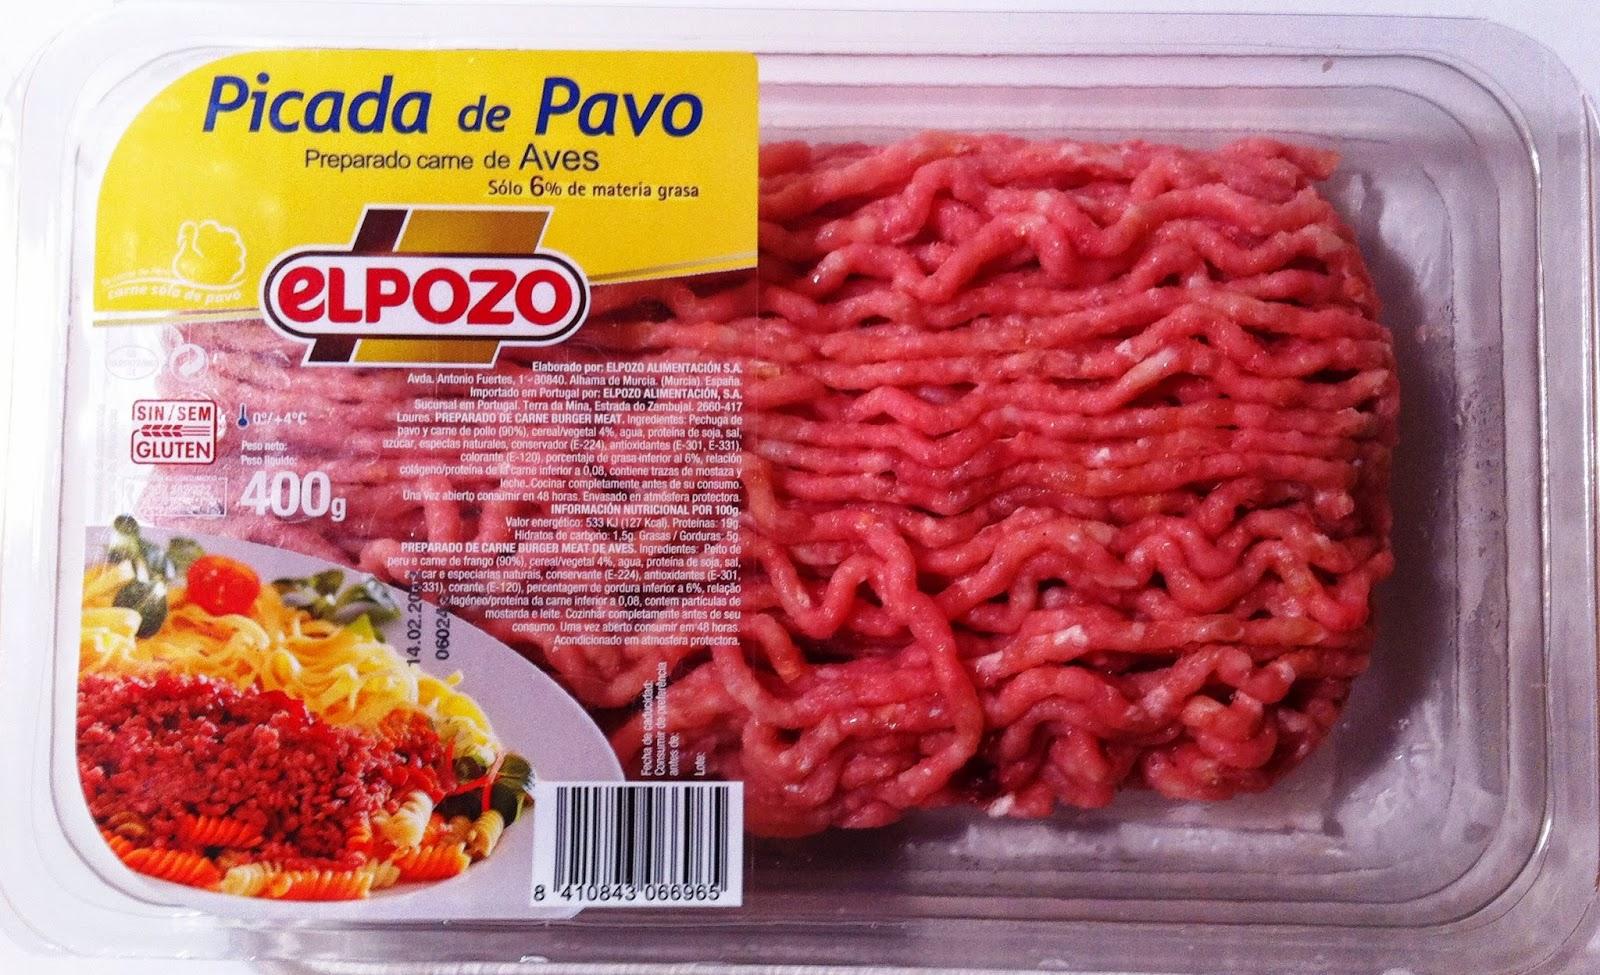 Juanlu venegas la carne picada envasada a veces no es solo carne - Que cocinar con carne picada ...